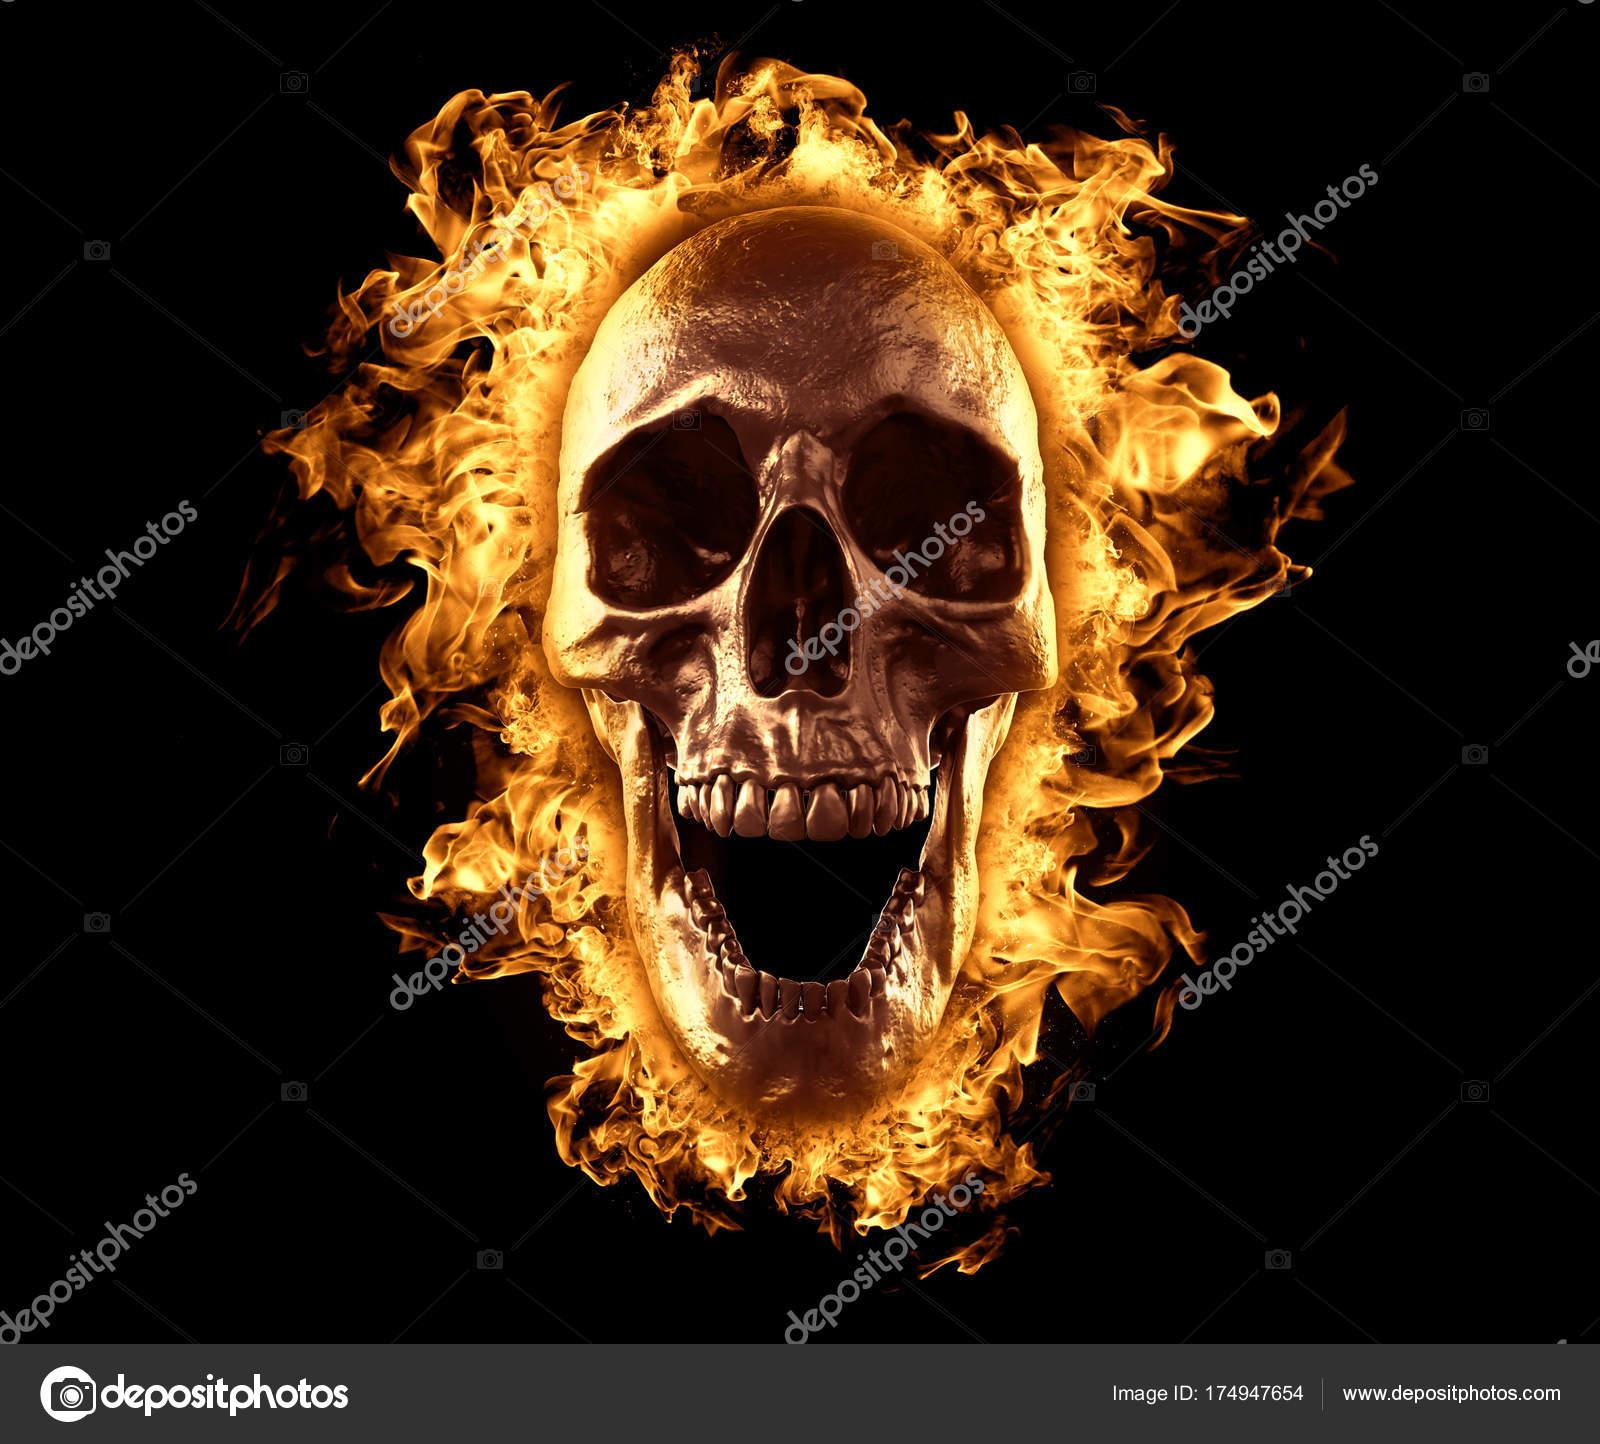 Wallpapers 3d Skull Wallpaper Skull Burned Fire Isolated